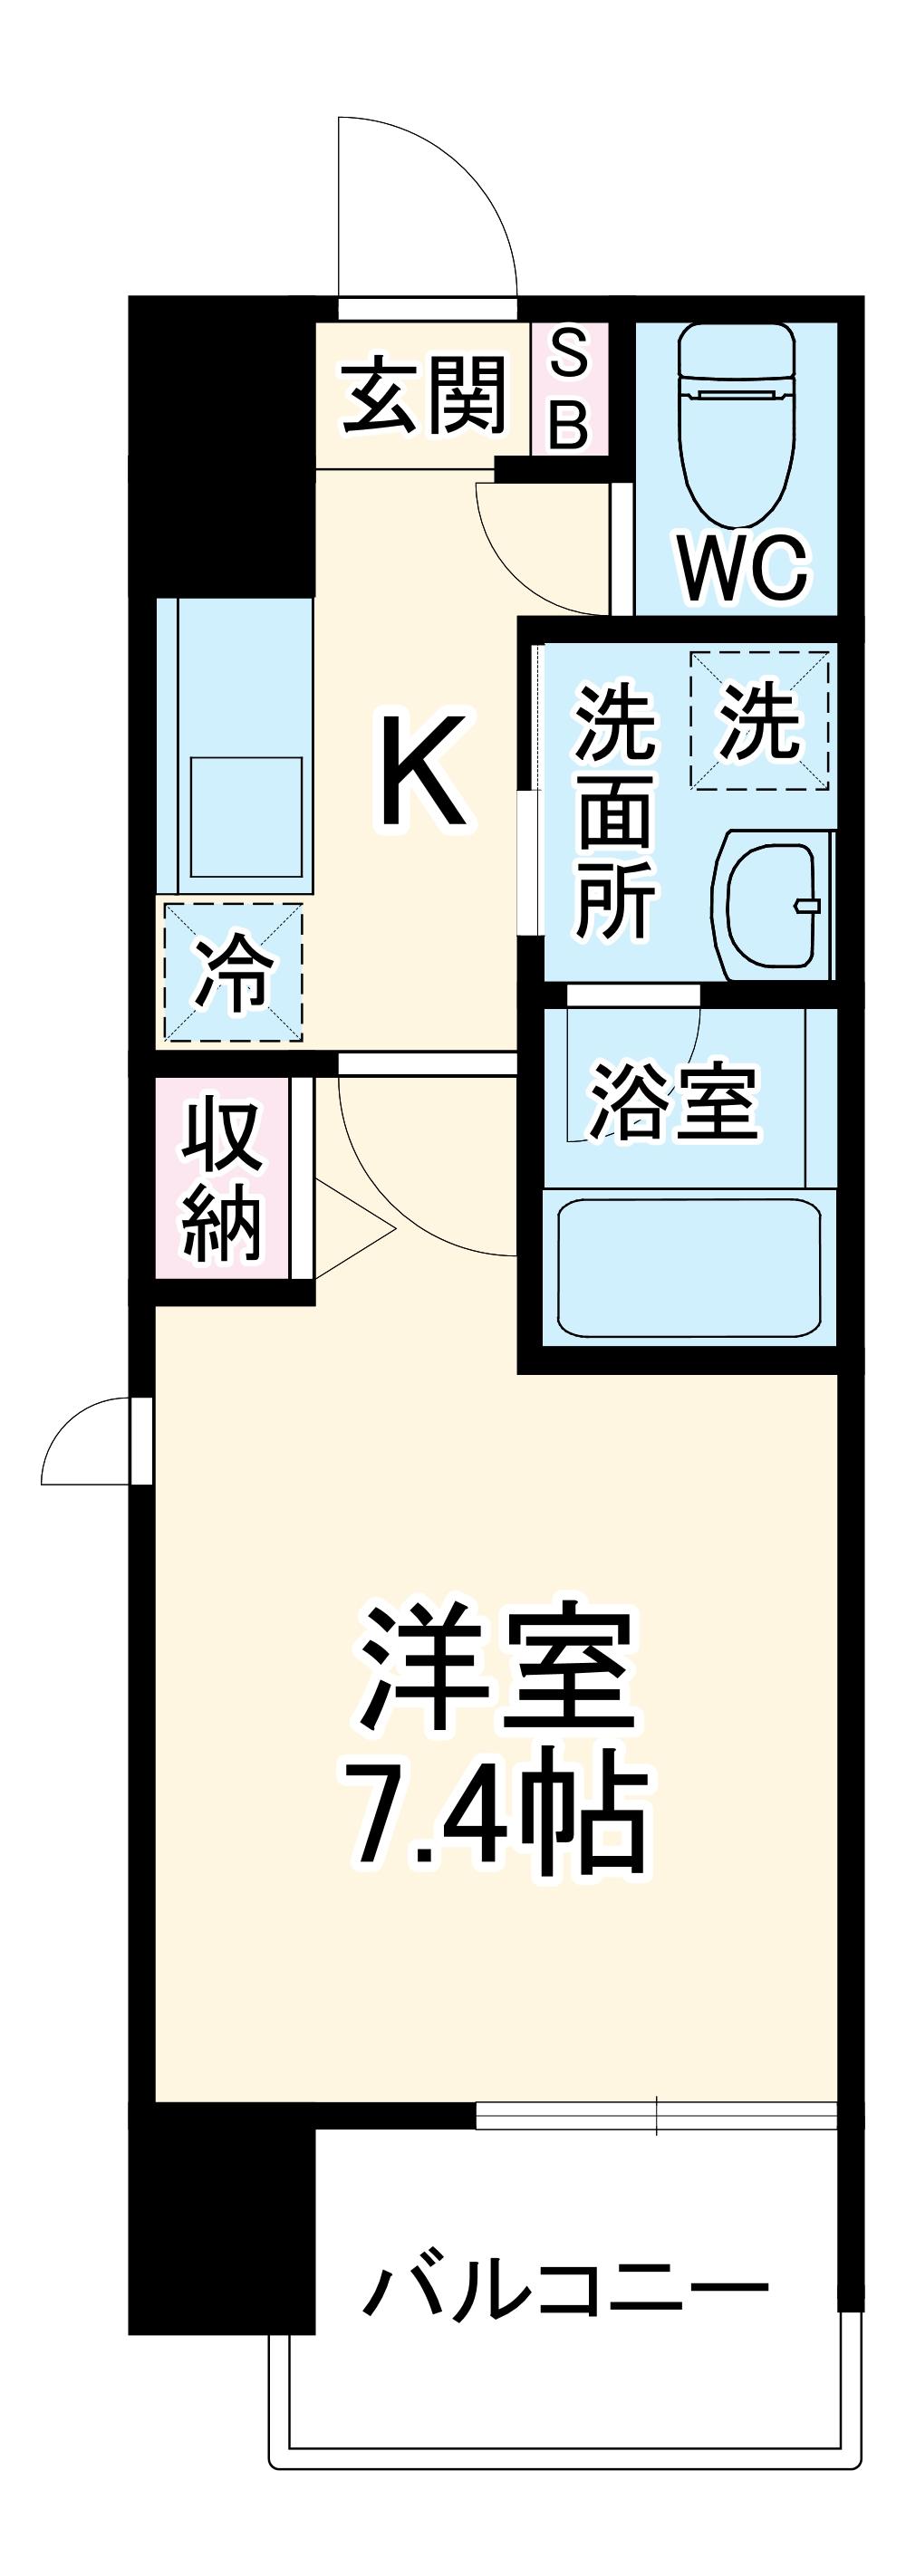 ヴィークブライト名古屋新栄 1001号室の間取り